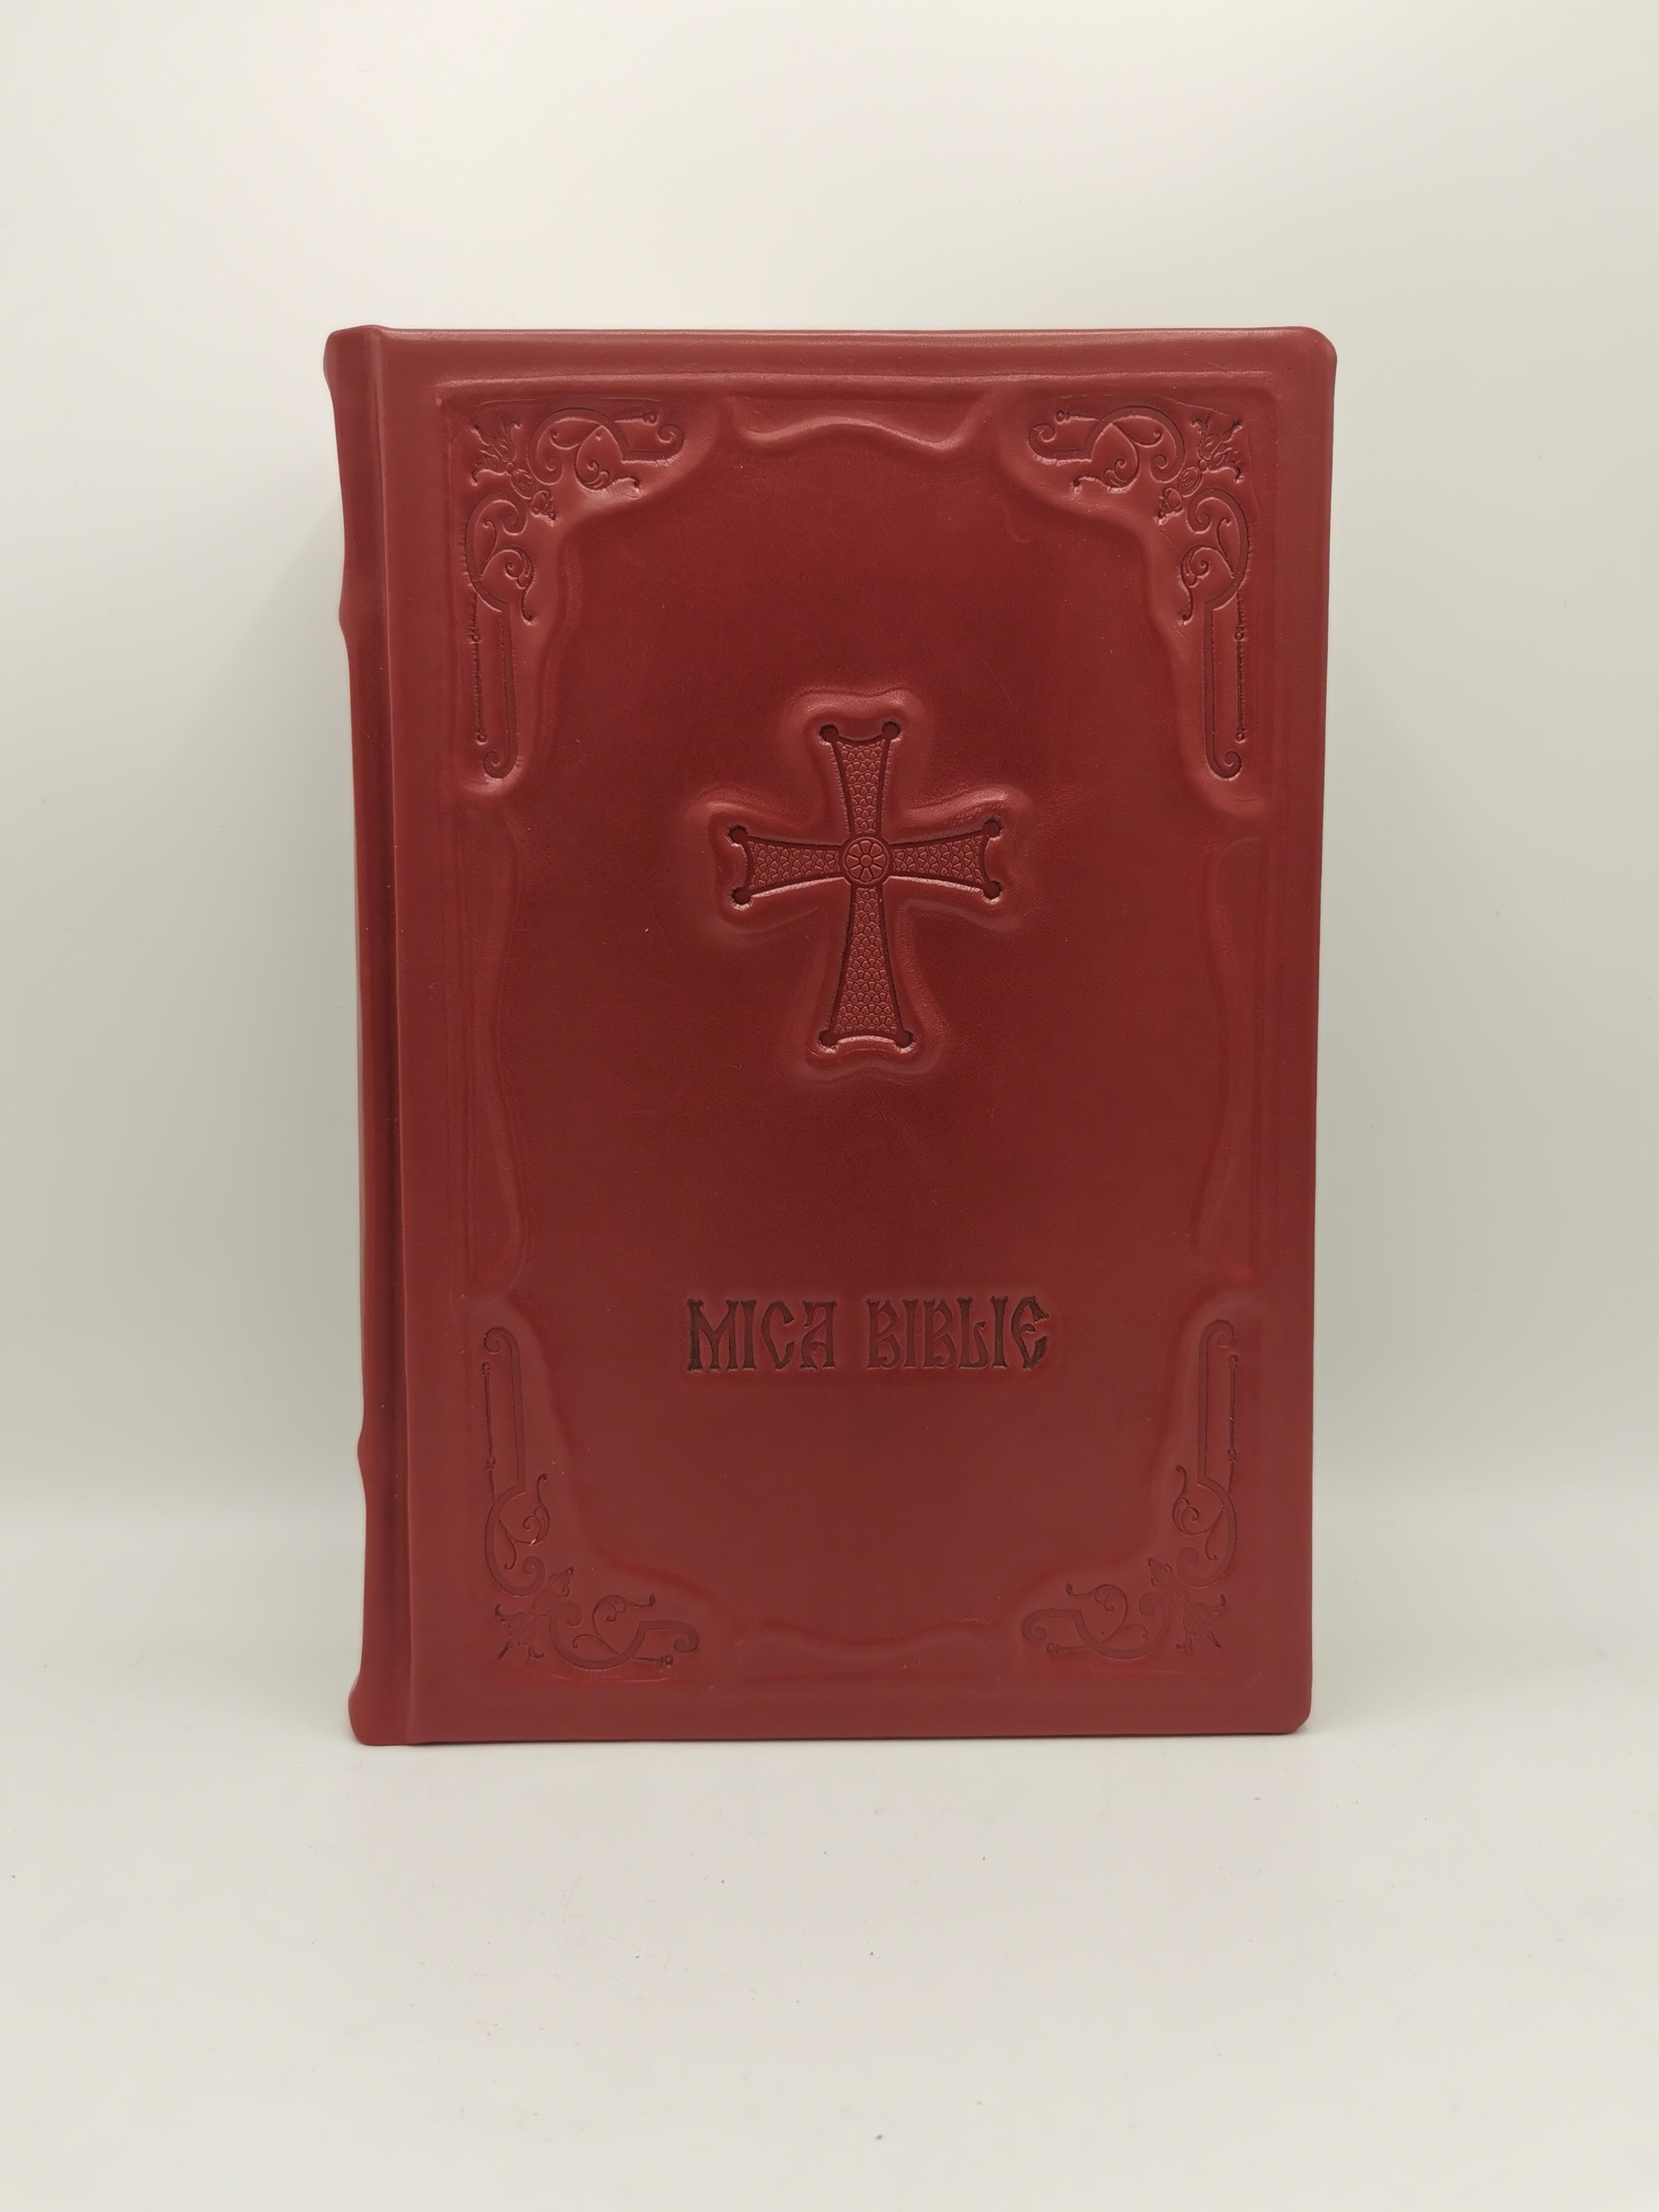 Mica Biblie in piele naturala model unicat